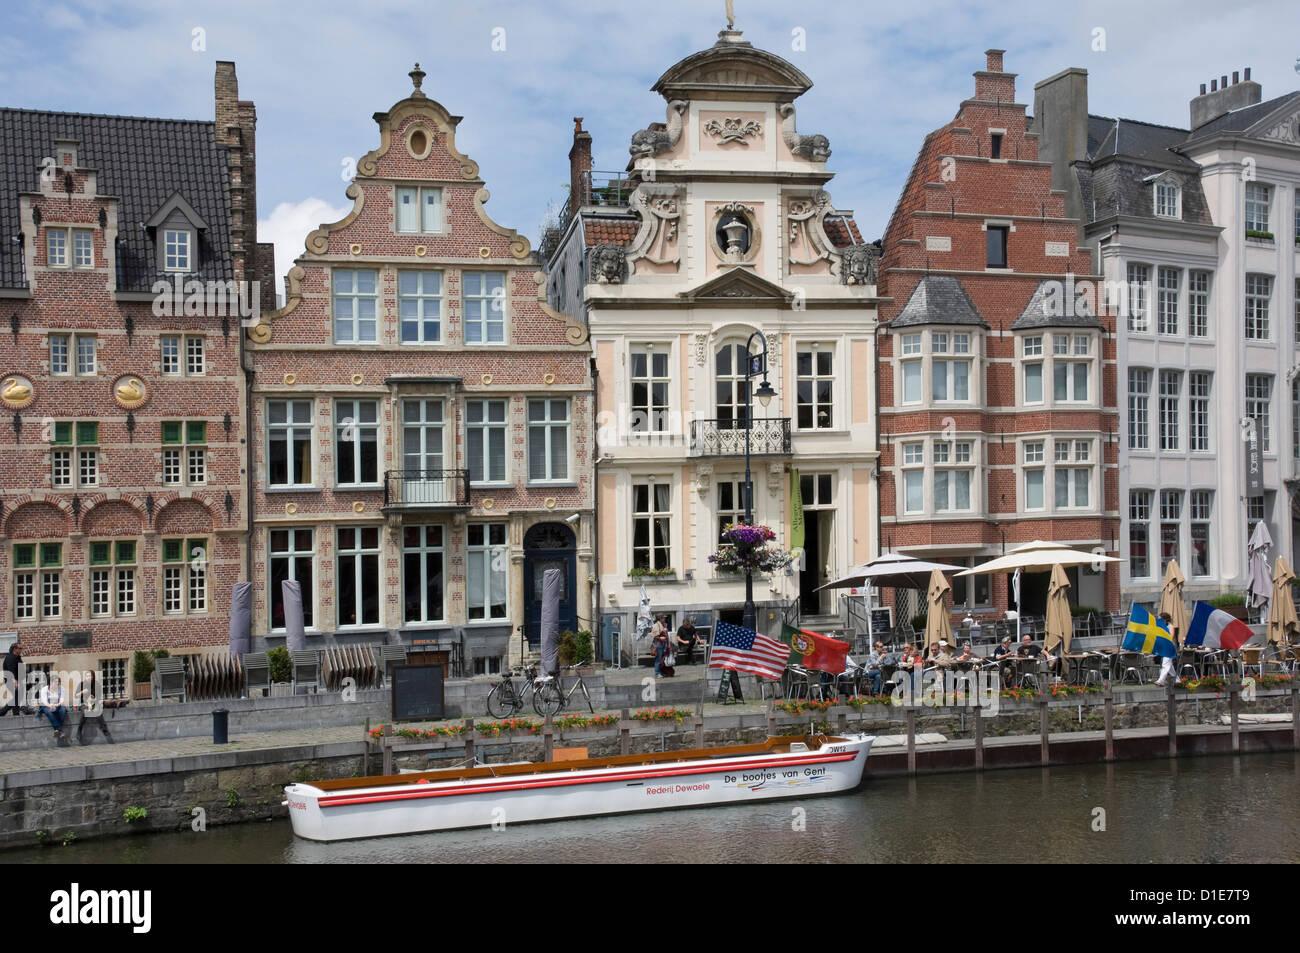 Barockstil flämischen Architektur entlang der Graslei, Gent, Belgien, Europa Stockbild